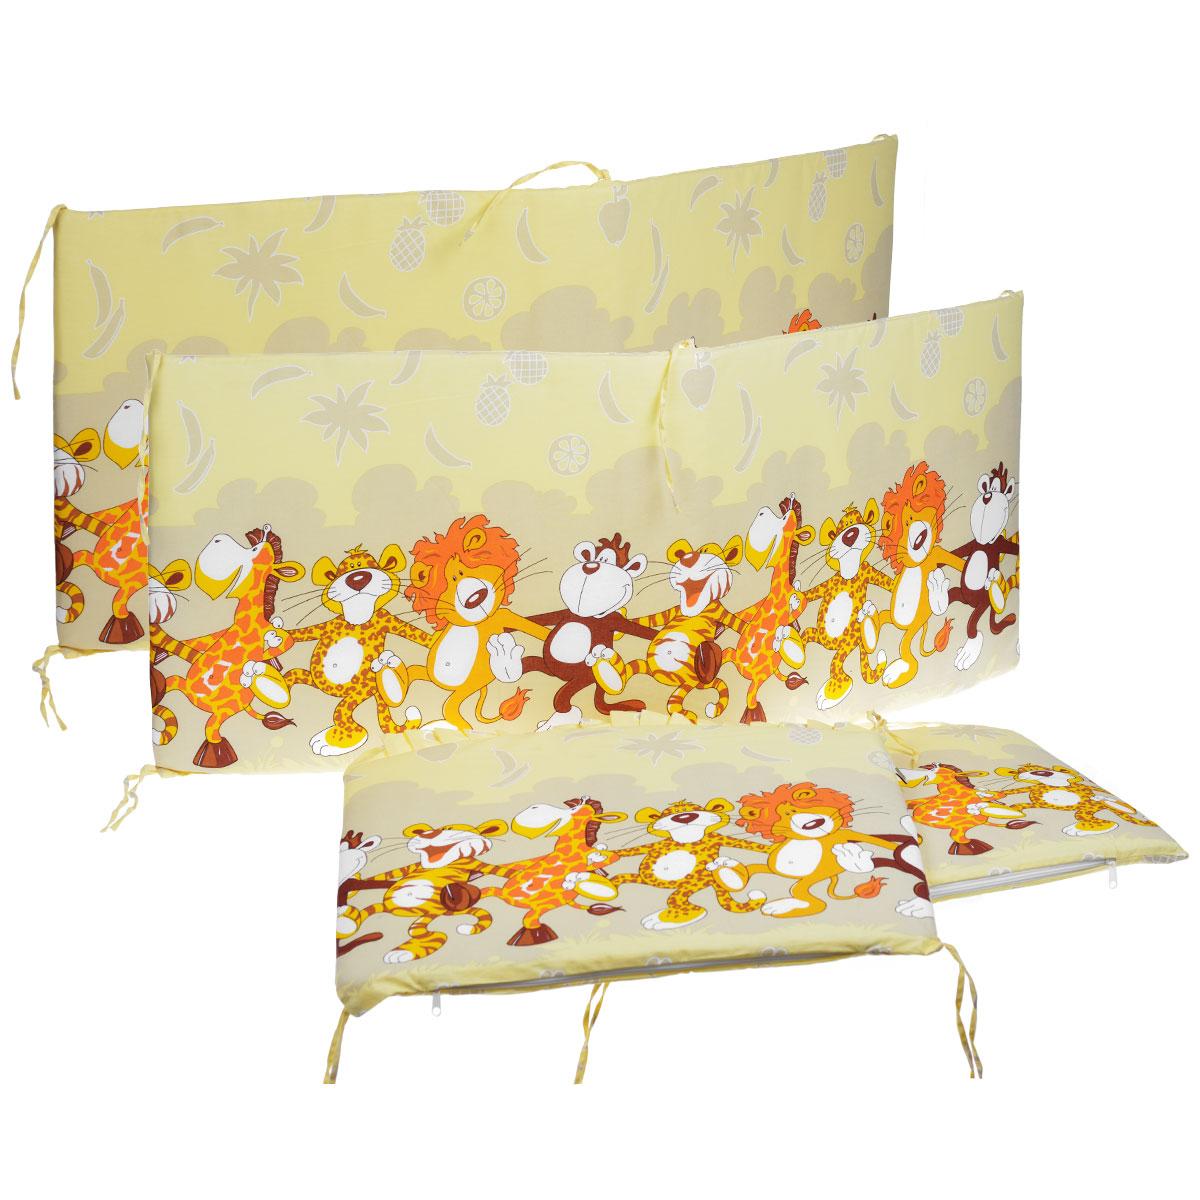 Бампер в кроватку Африка, цвет: бежевый131/4_бежевыйБампер в кроватку Африка состоит из четырех частей и закрывает весь периметр кроватки. Бортик крепится к кроватке с помощью специальных завязок, благодаря чему его можно поместить в любую детскую кроватку. Бампер выполнен из бязи - натурального хлопка безупречной выделки. Деликатные швы рассчитаны на прикосновение к нежной коже ребенка. Бампер оформлен оборками и авторским рисунком с изображениями веселых танцующих зверей. Наполнителем служит холлкон - эластичный синтетический материал, экологически безопасный и гипоаллергенный, обладающий высокими теплозащитными свойствами. Бампер защитит ребенка от возможных ударов о деревянные или металлические части кроватки. Бортик подходит для кроватки размером 120 см х 60 см.